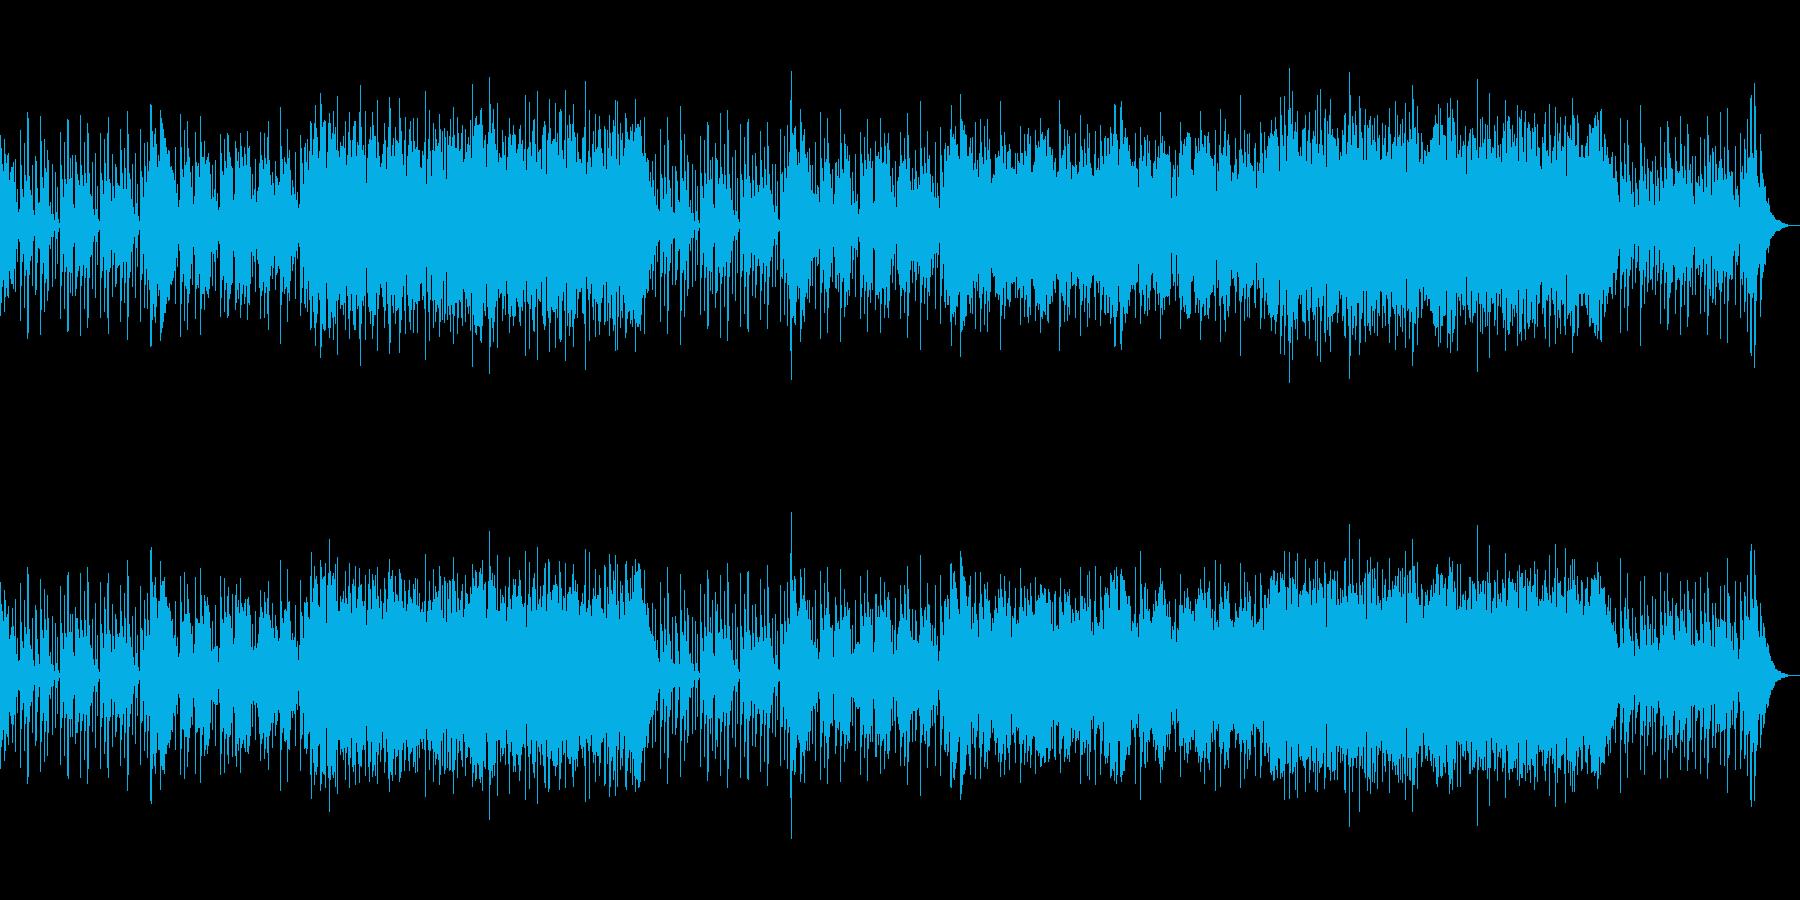 おしゃれでワクワクするCM・企業動画向けの再生済みの波形